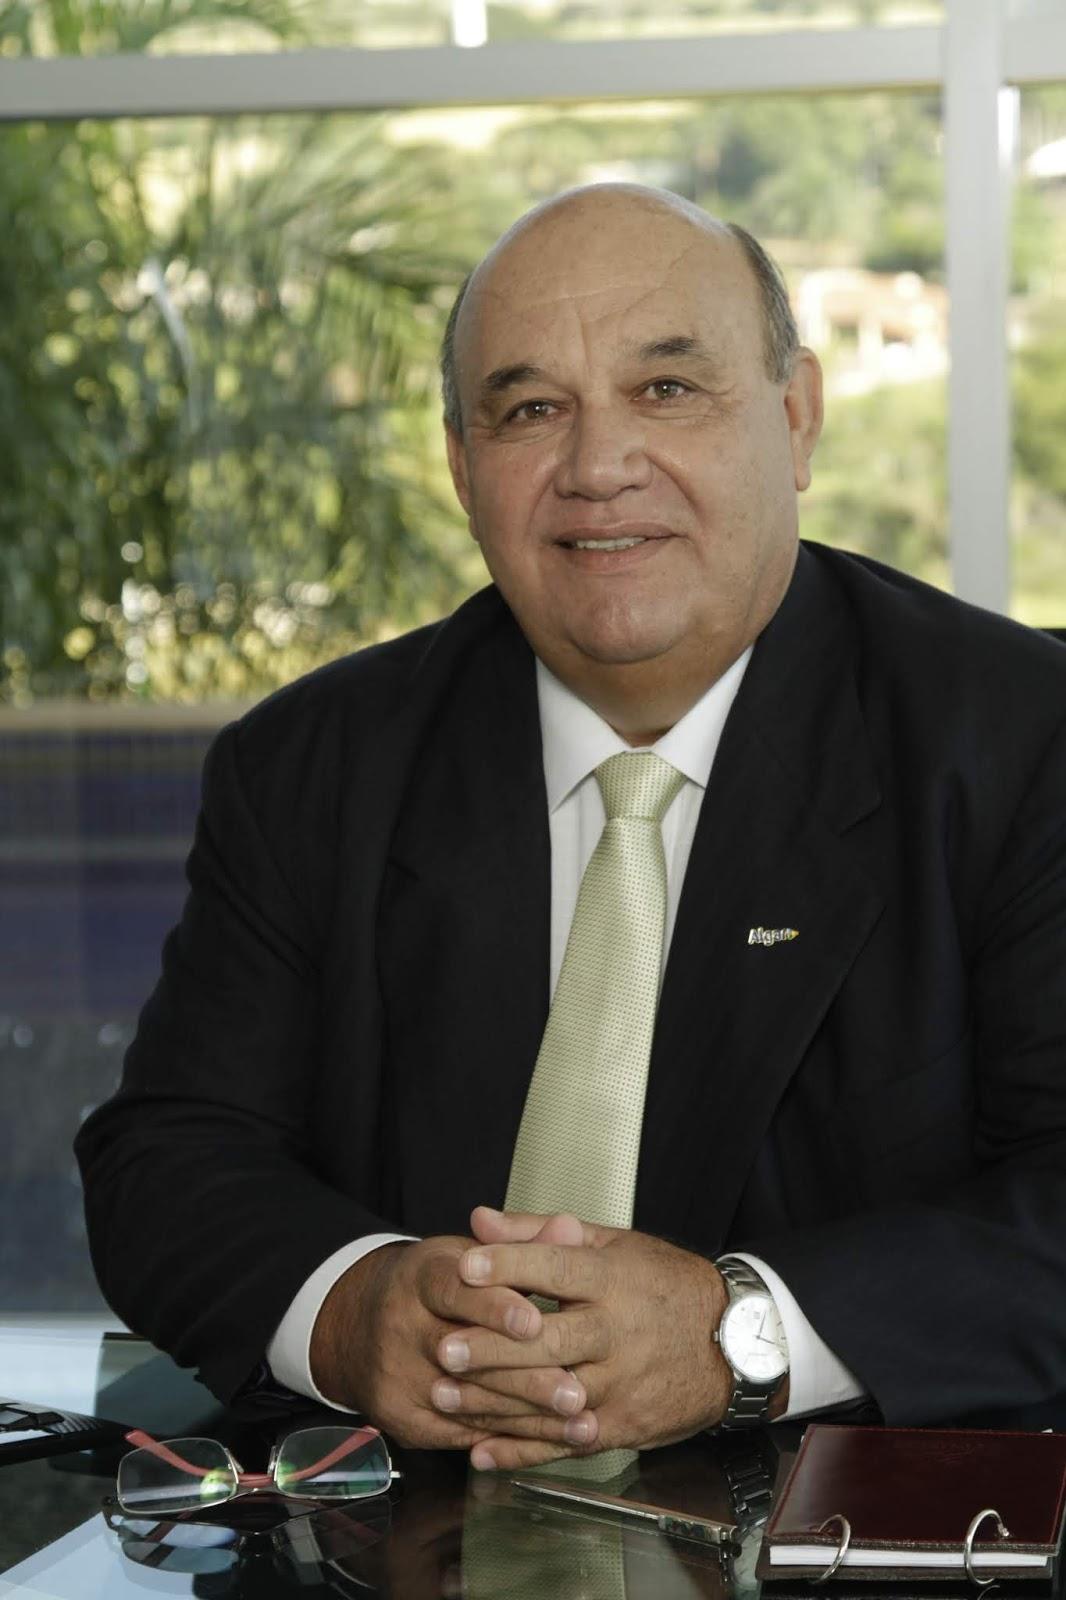 Grupo Algar anuncia novo CEO - Não Perde Não 04a734f18c60c